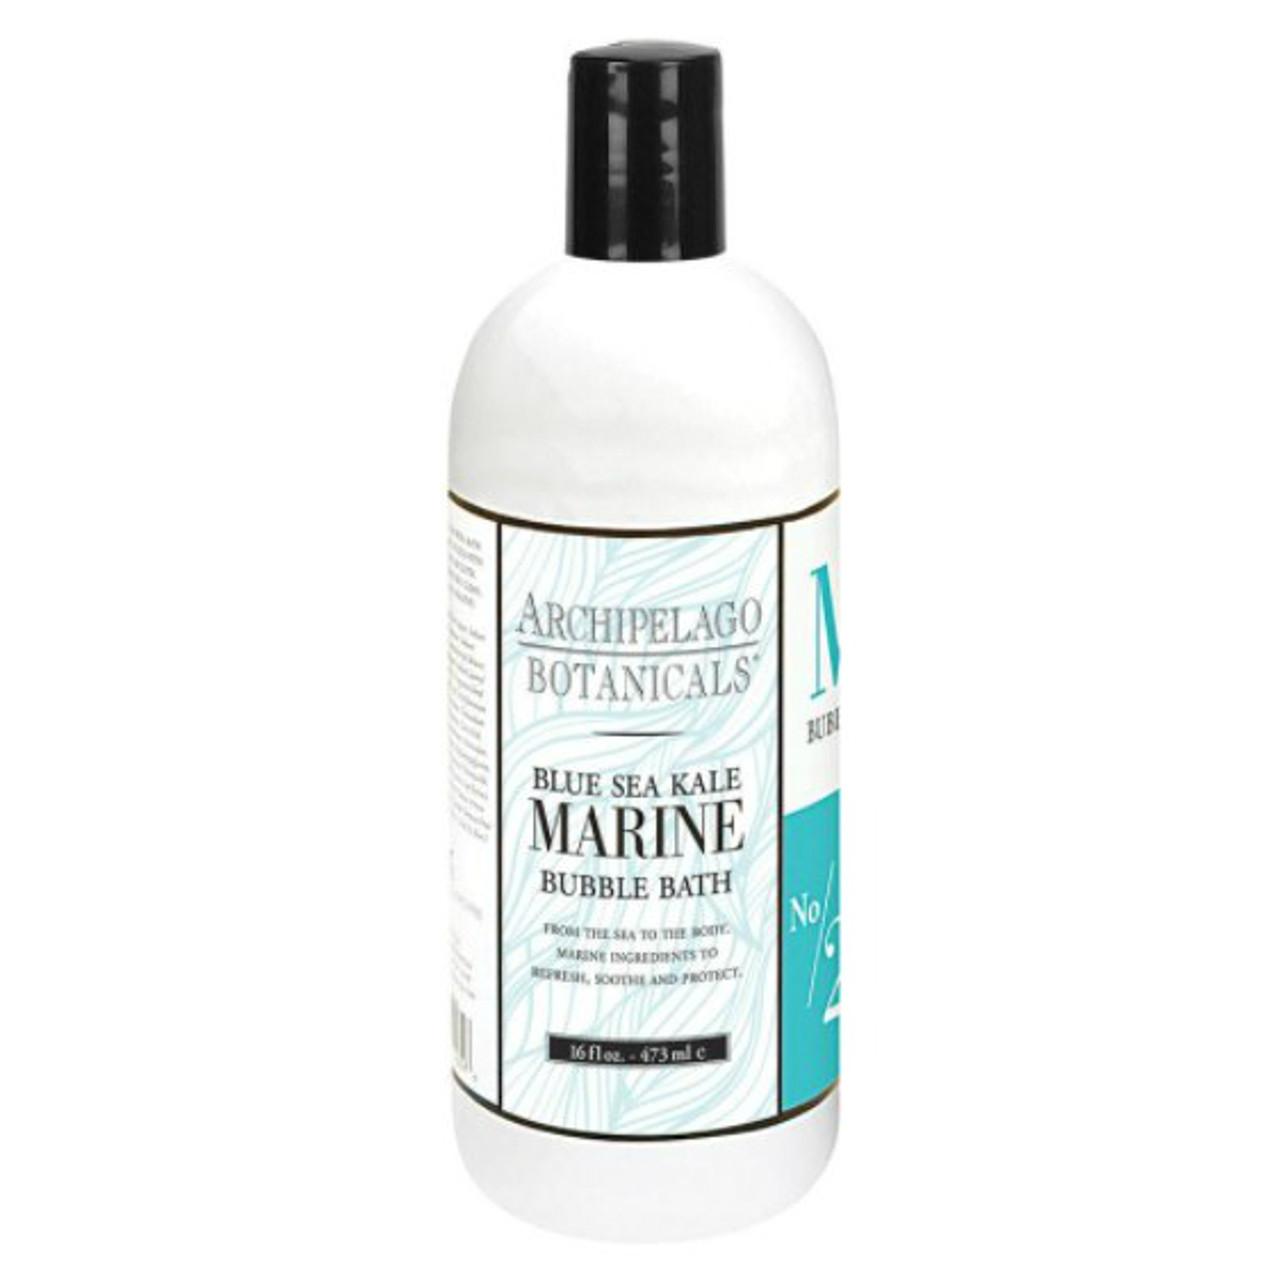 Archipelago Marine Bubble Bath 16 oz